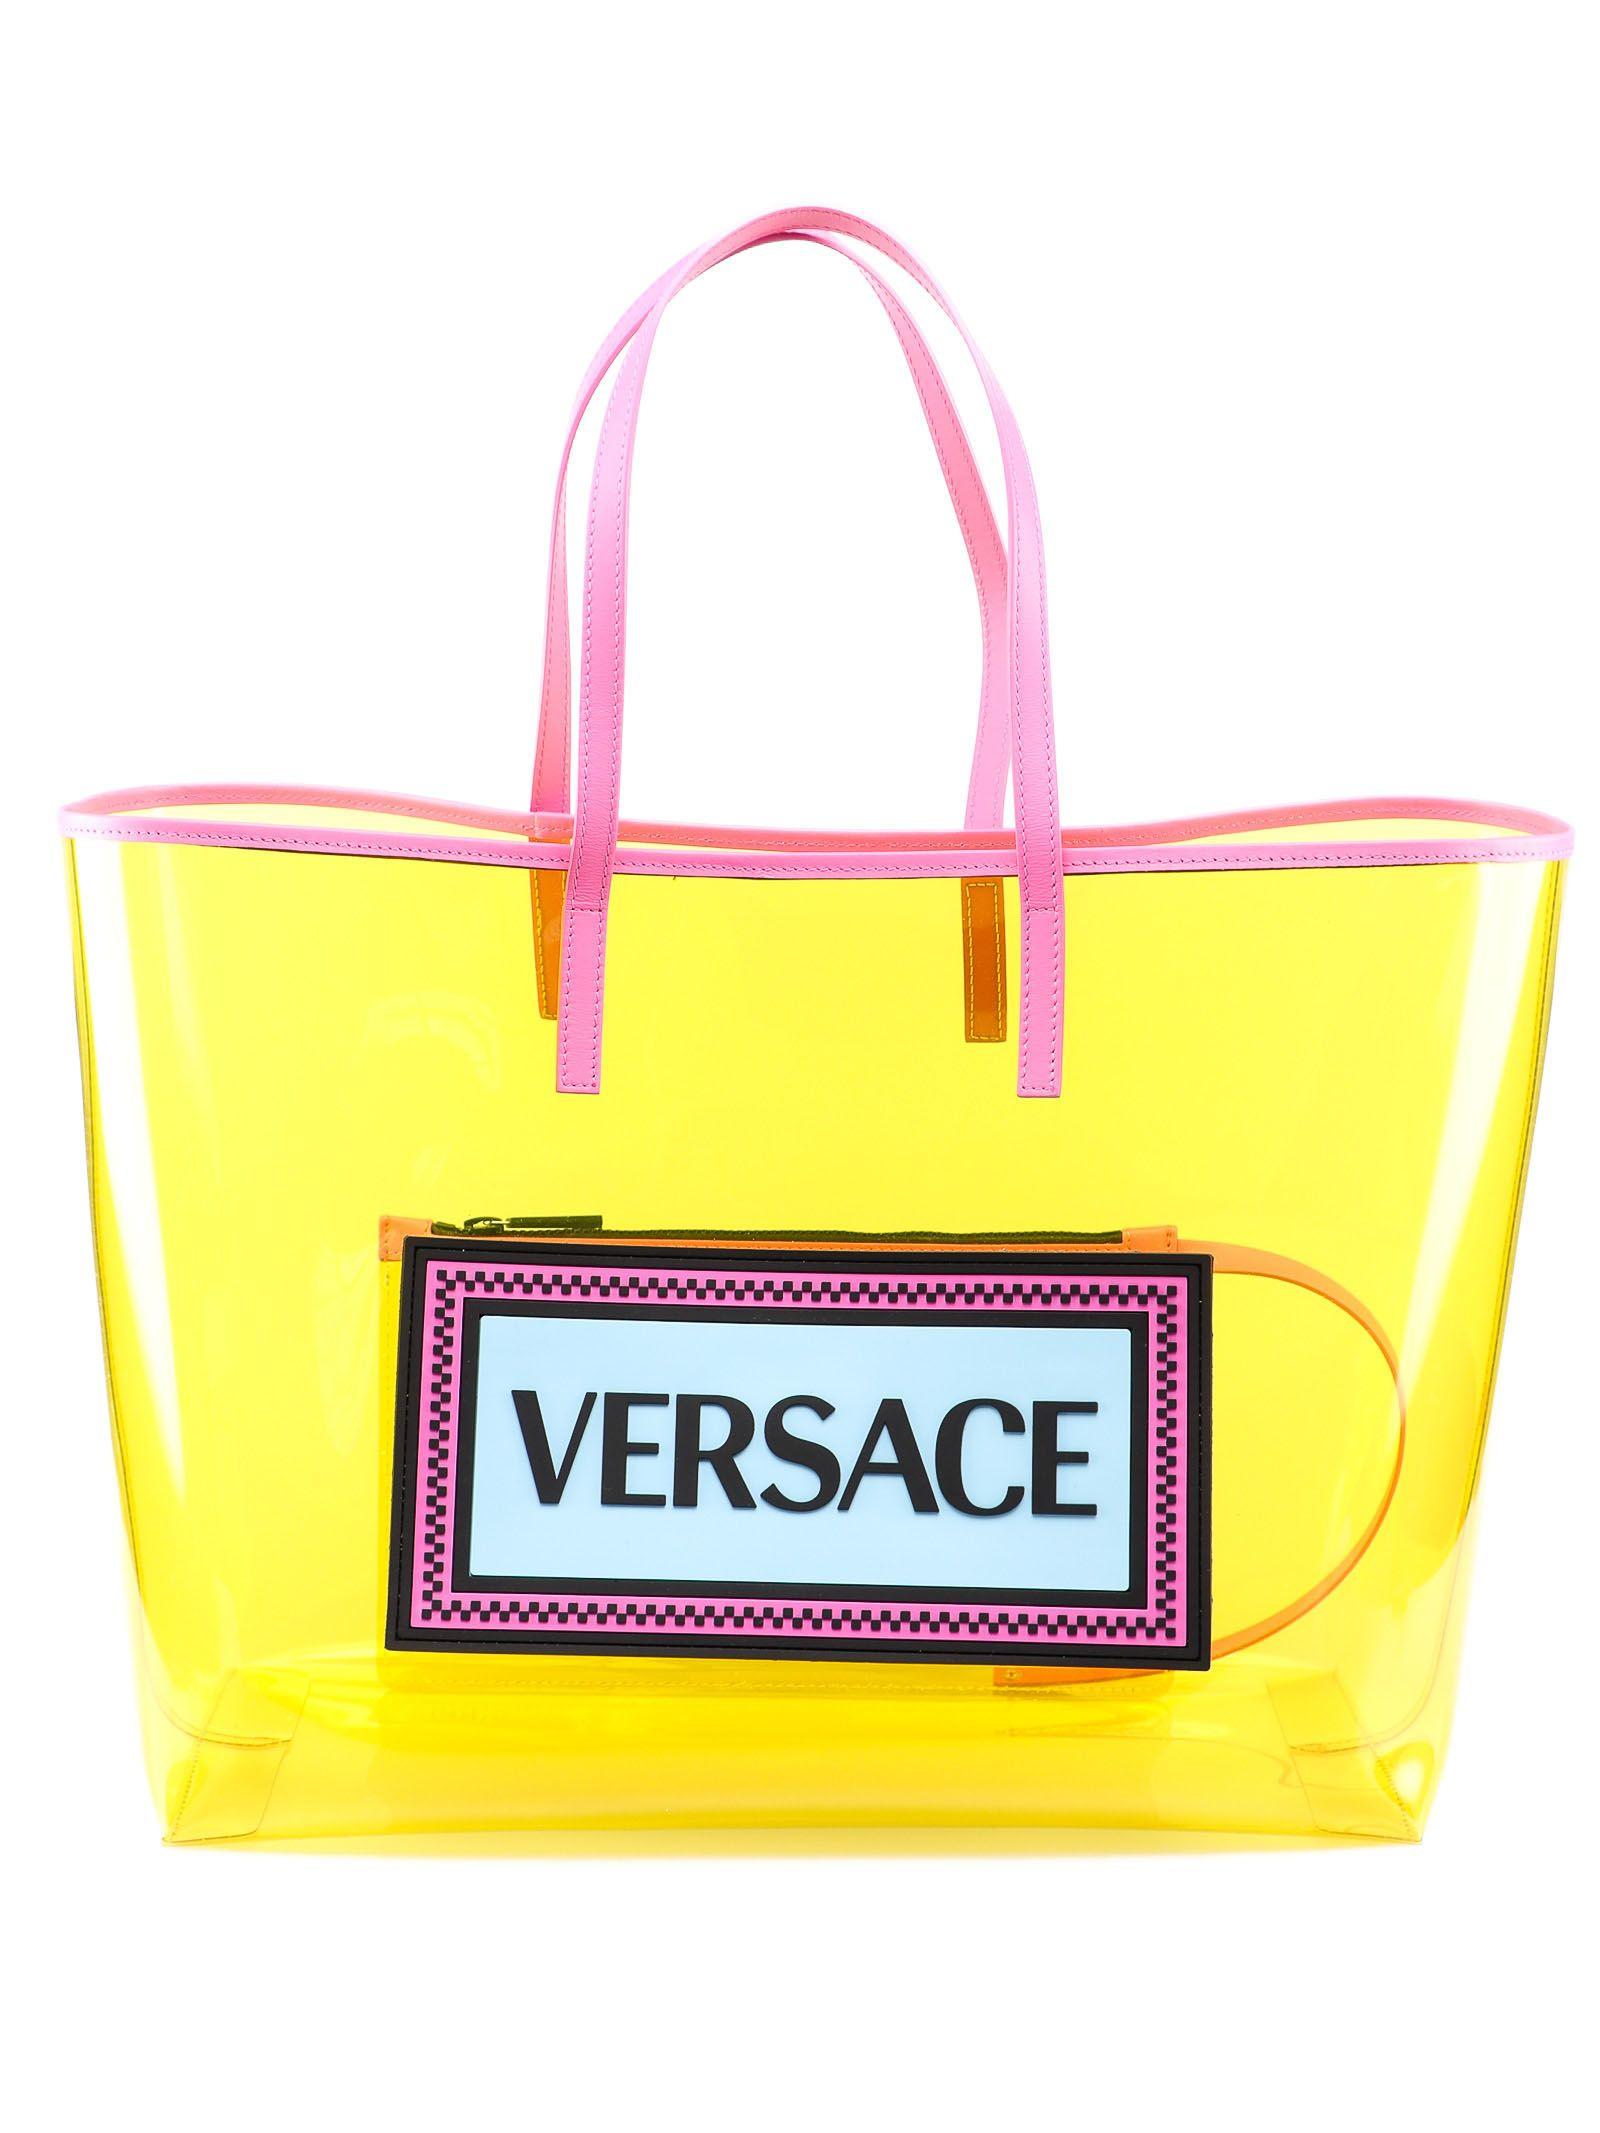 e2c0bd5bdb33 Versace Versace Clear Vinyl Tote - Df2mt Giallo Fluo Multicolor ...